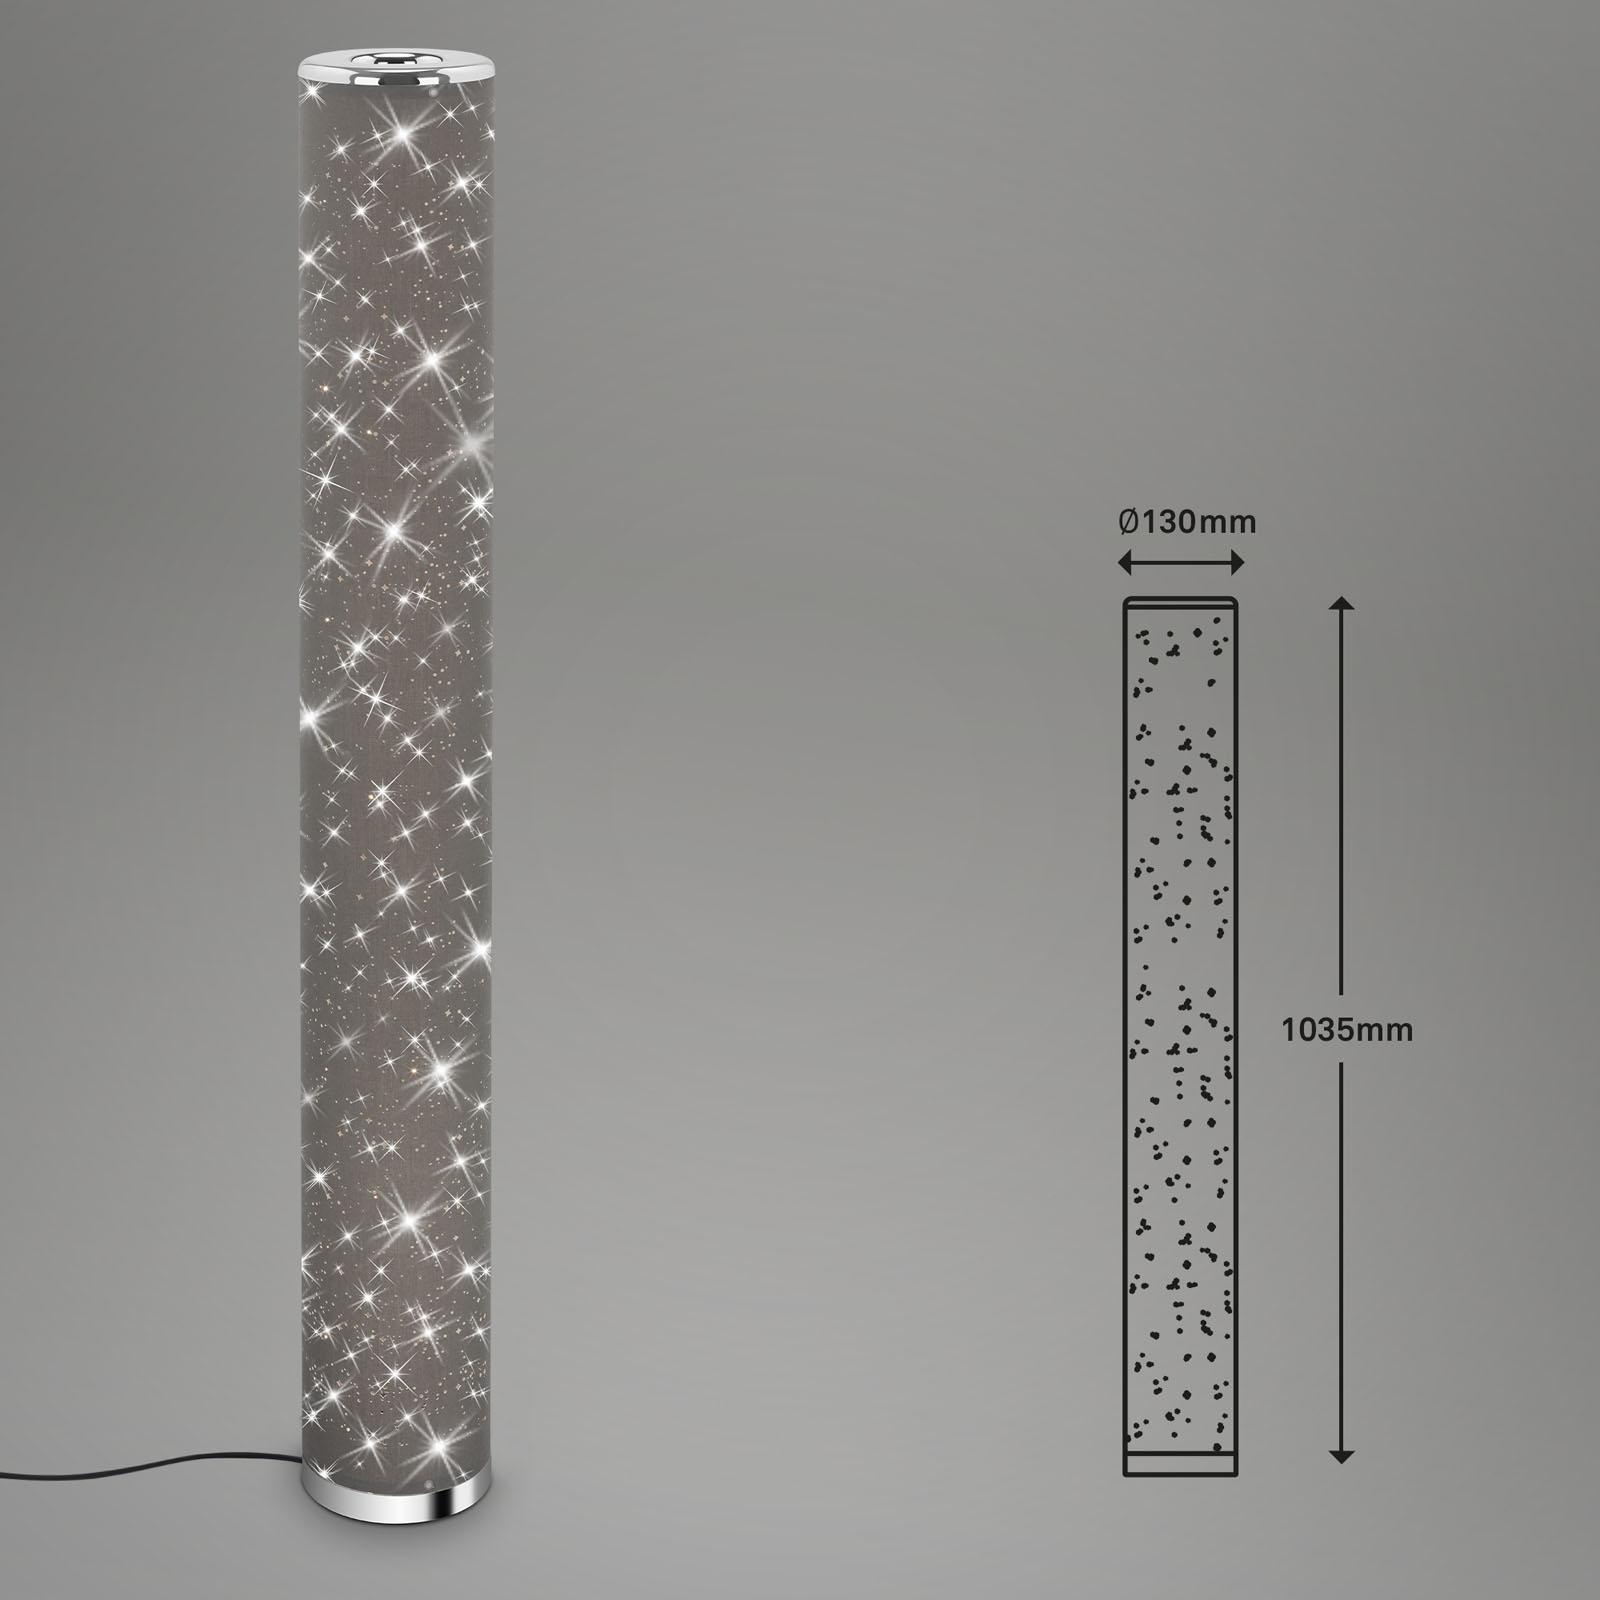 Sternenhimmel LED-Stehleuchte Grau-Chrom Maßzeichnung